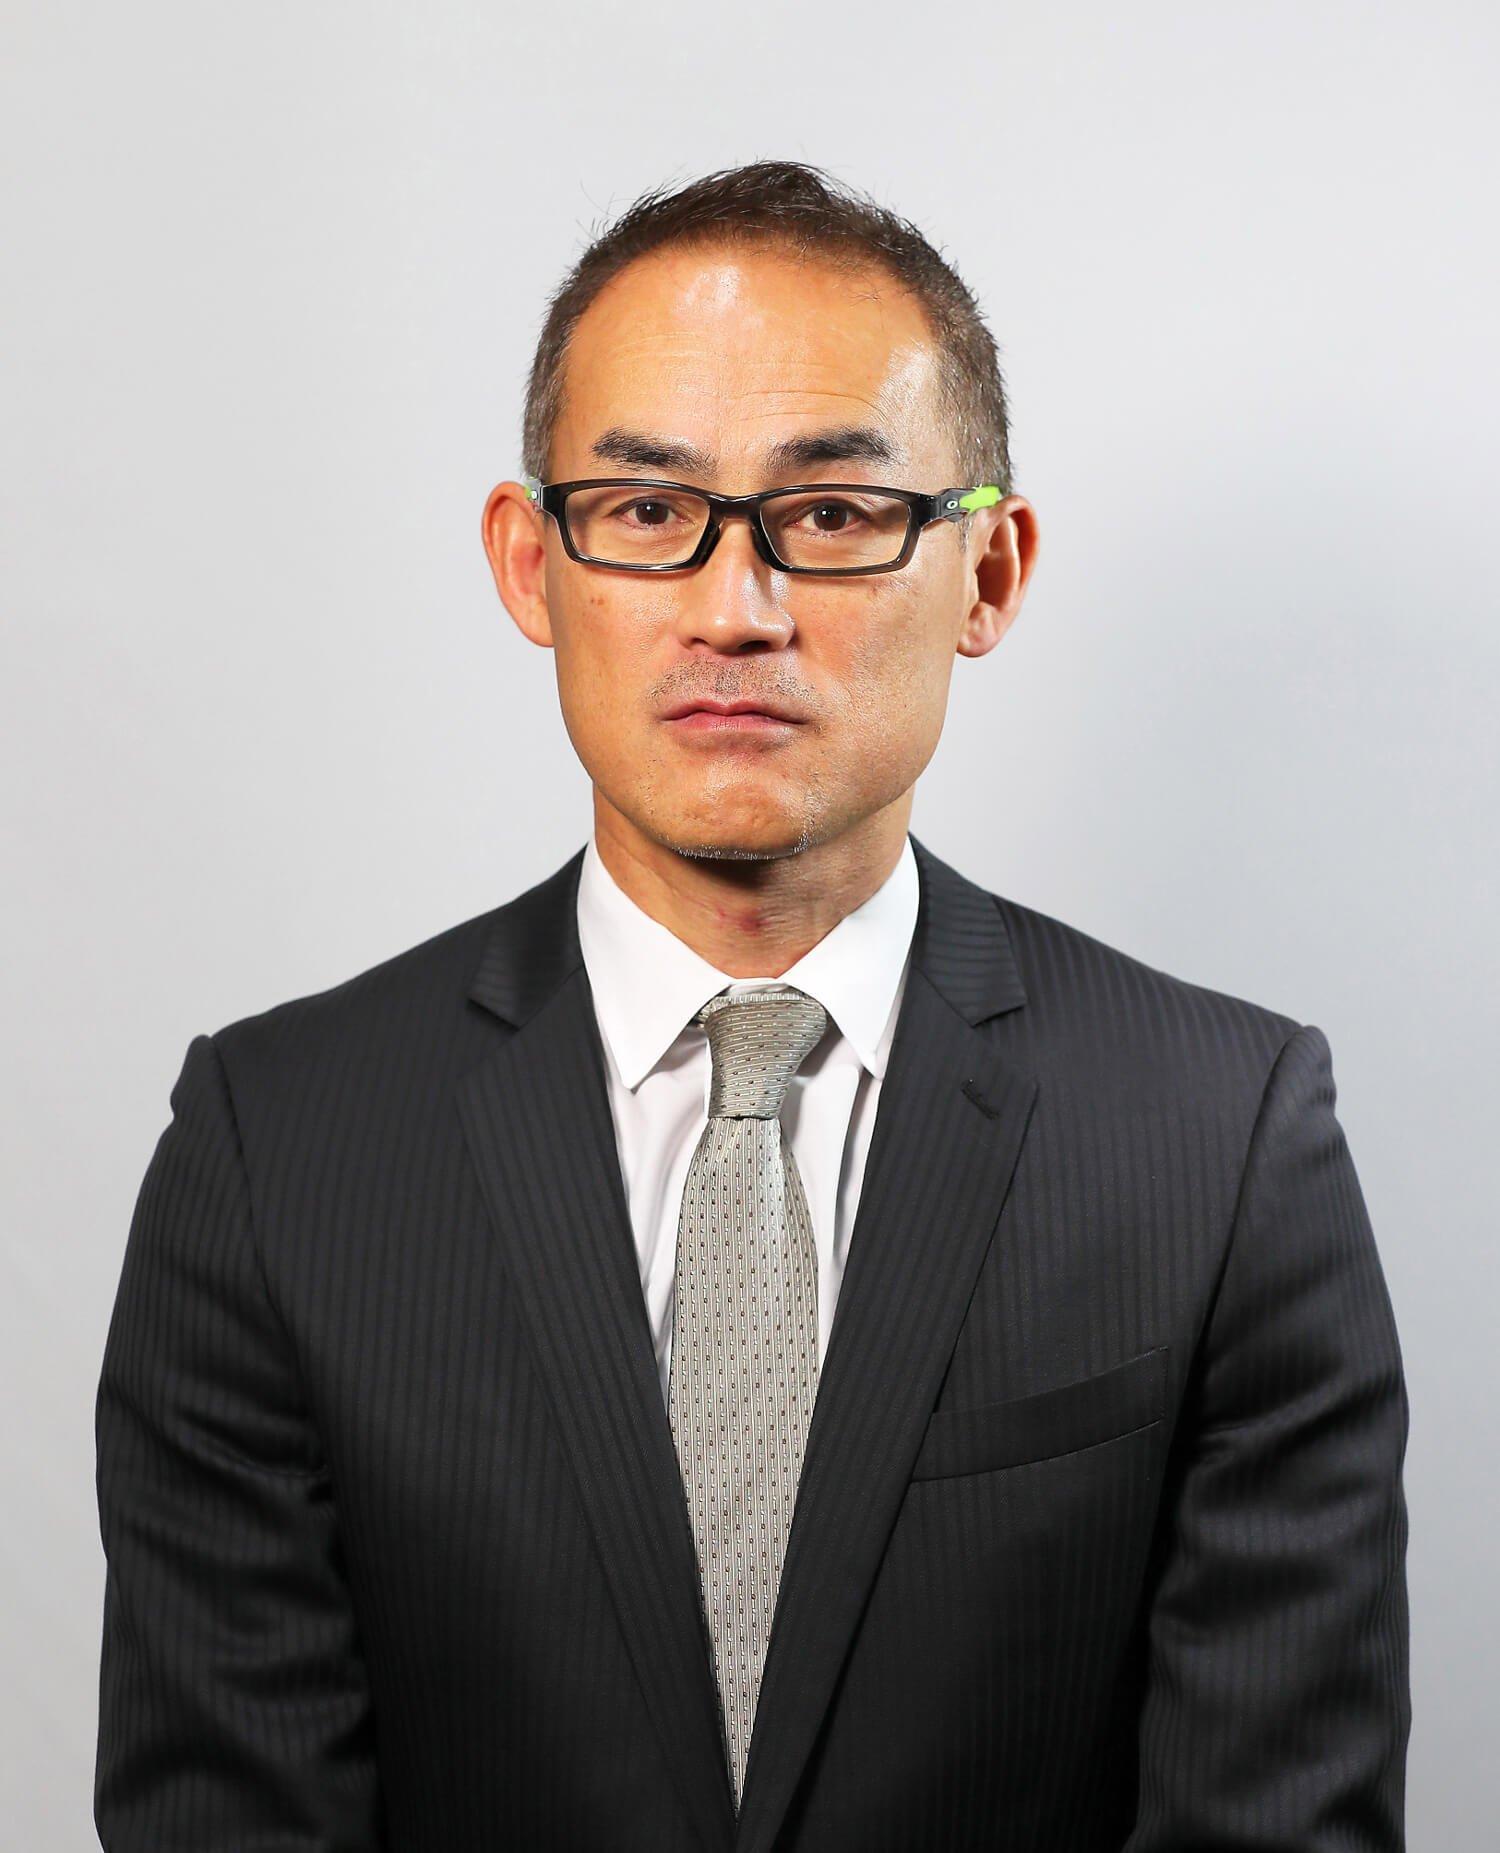 日本陸上連盟経営企画部長の石井朗生さん。学生時代は十種競技選手だった。「陸上は人間が持つ根源的な力を競うことが醍醐味です」。